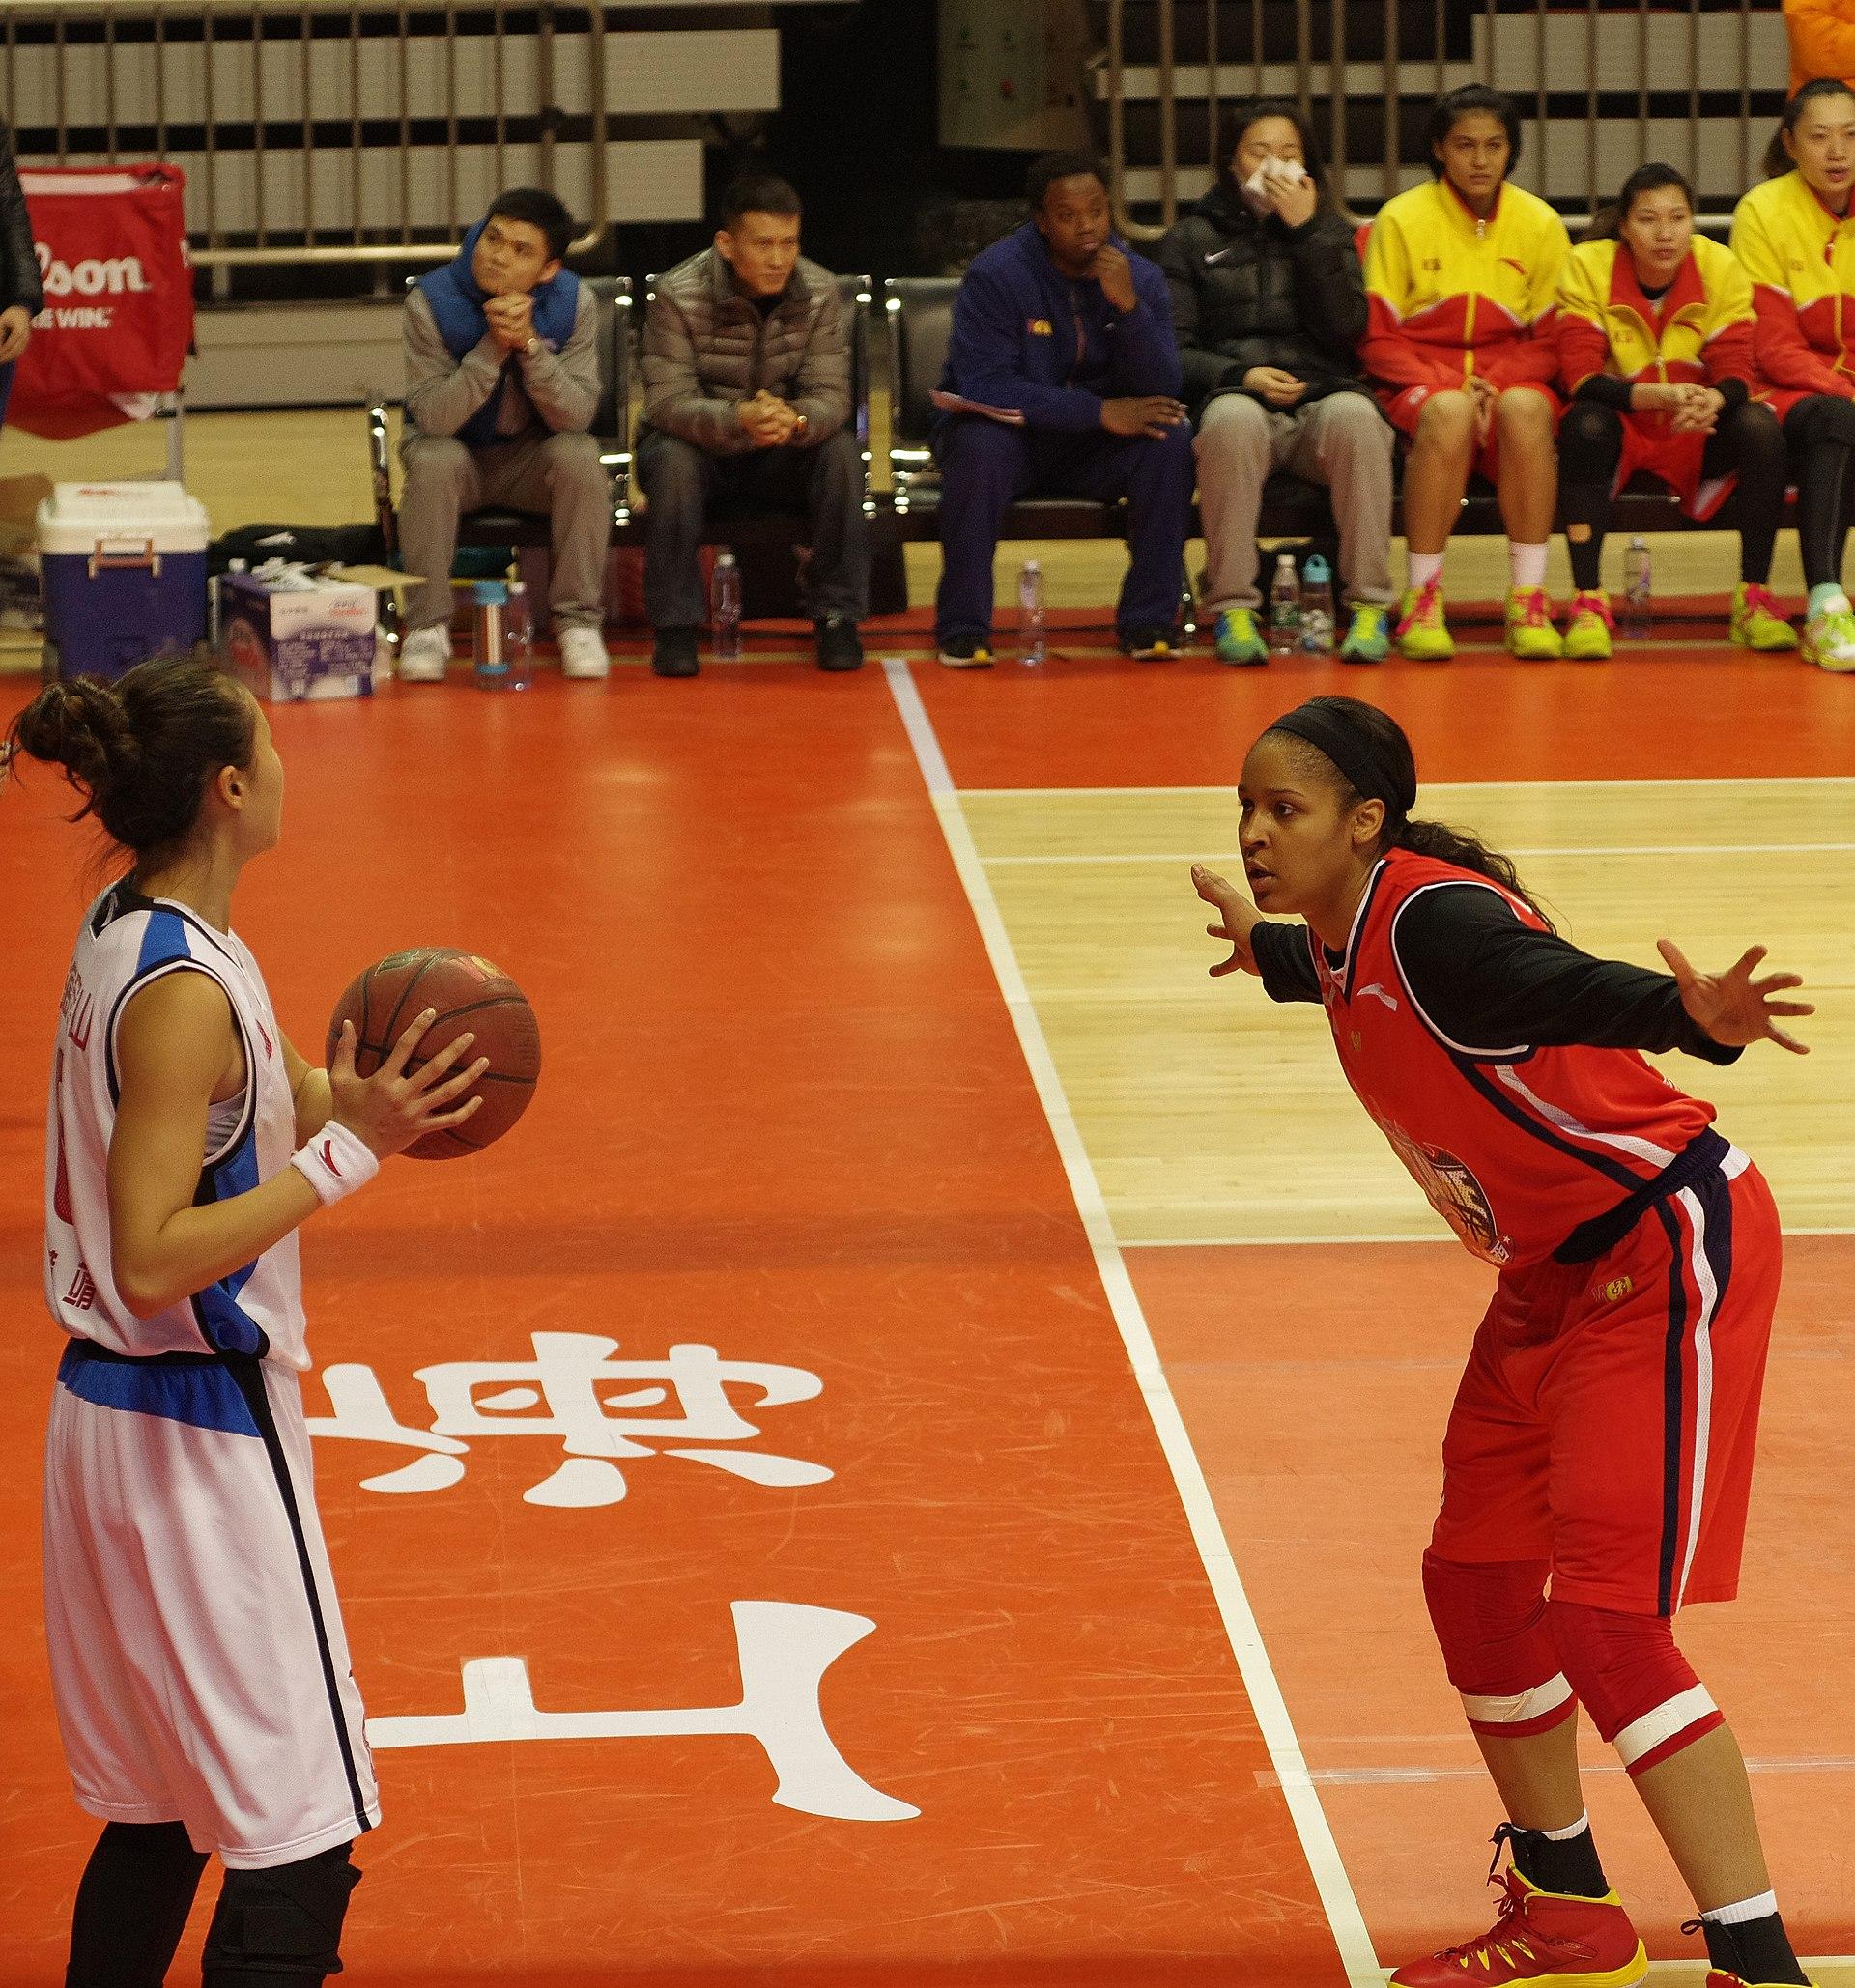 Women's Chinese Basketball Association - Wikipedia